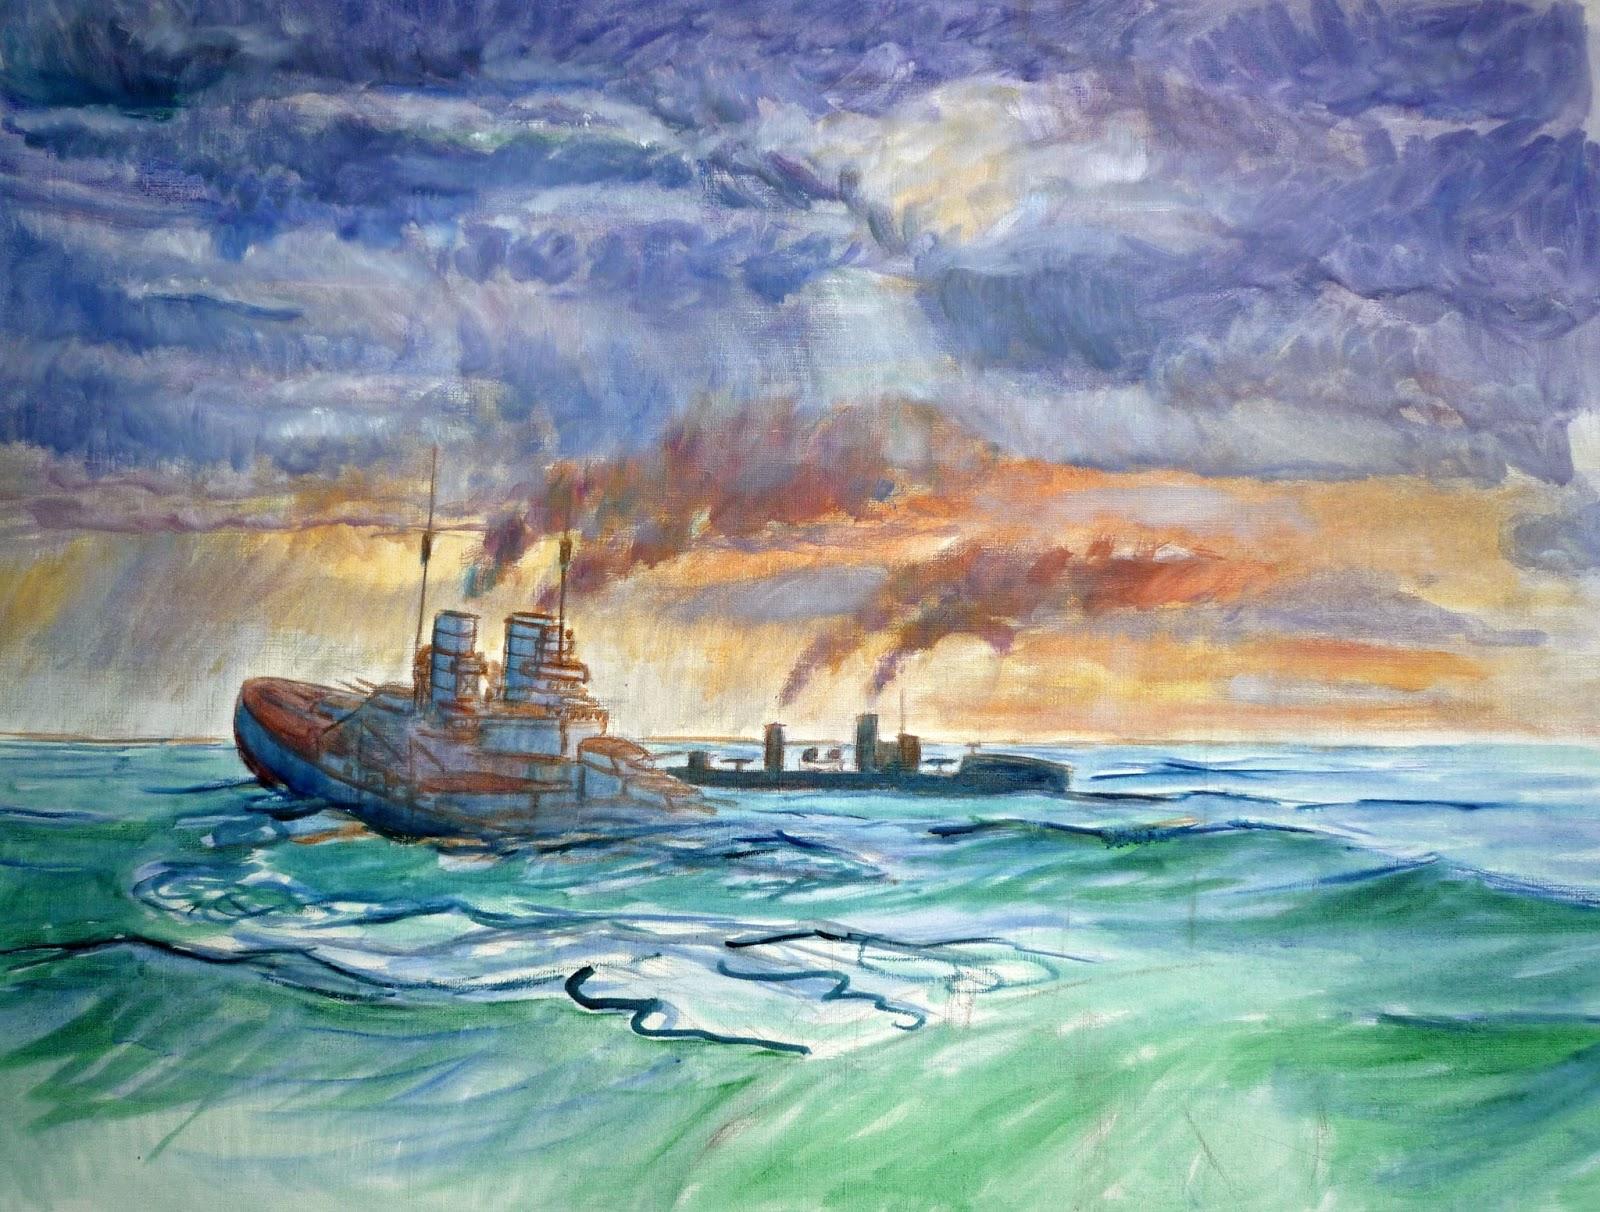 Boceto oleo SMS Lutzow hundiendose - extracto del cuadro